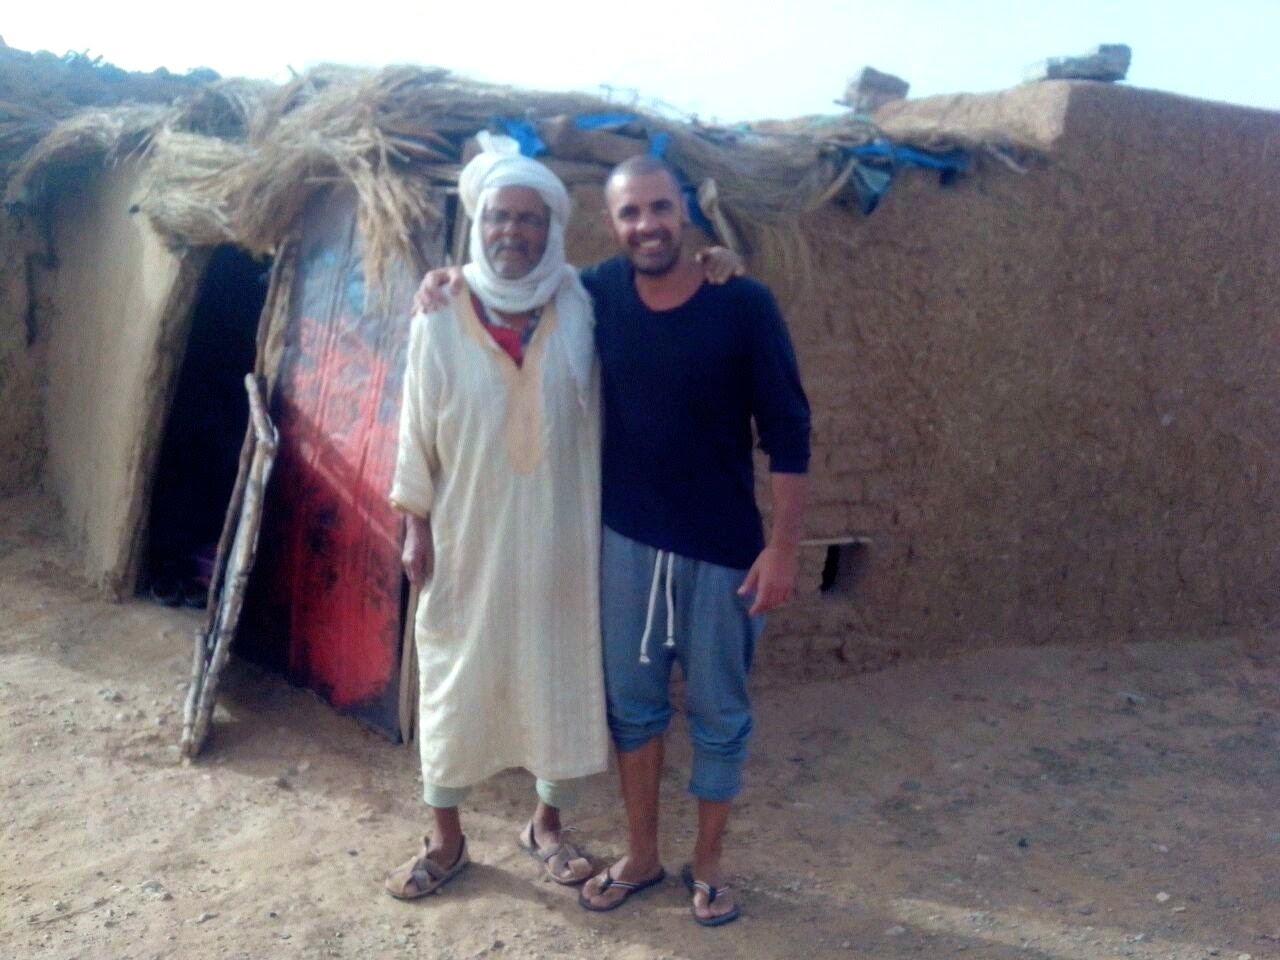 viajes a marruecos, marrakech, nomadas, desierto de marruecos, erfoud, alojamiento